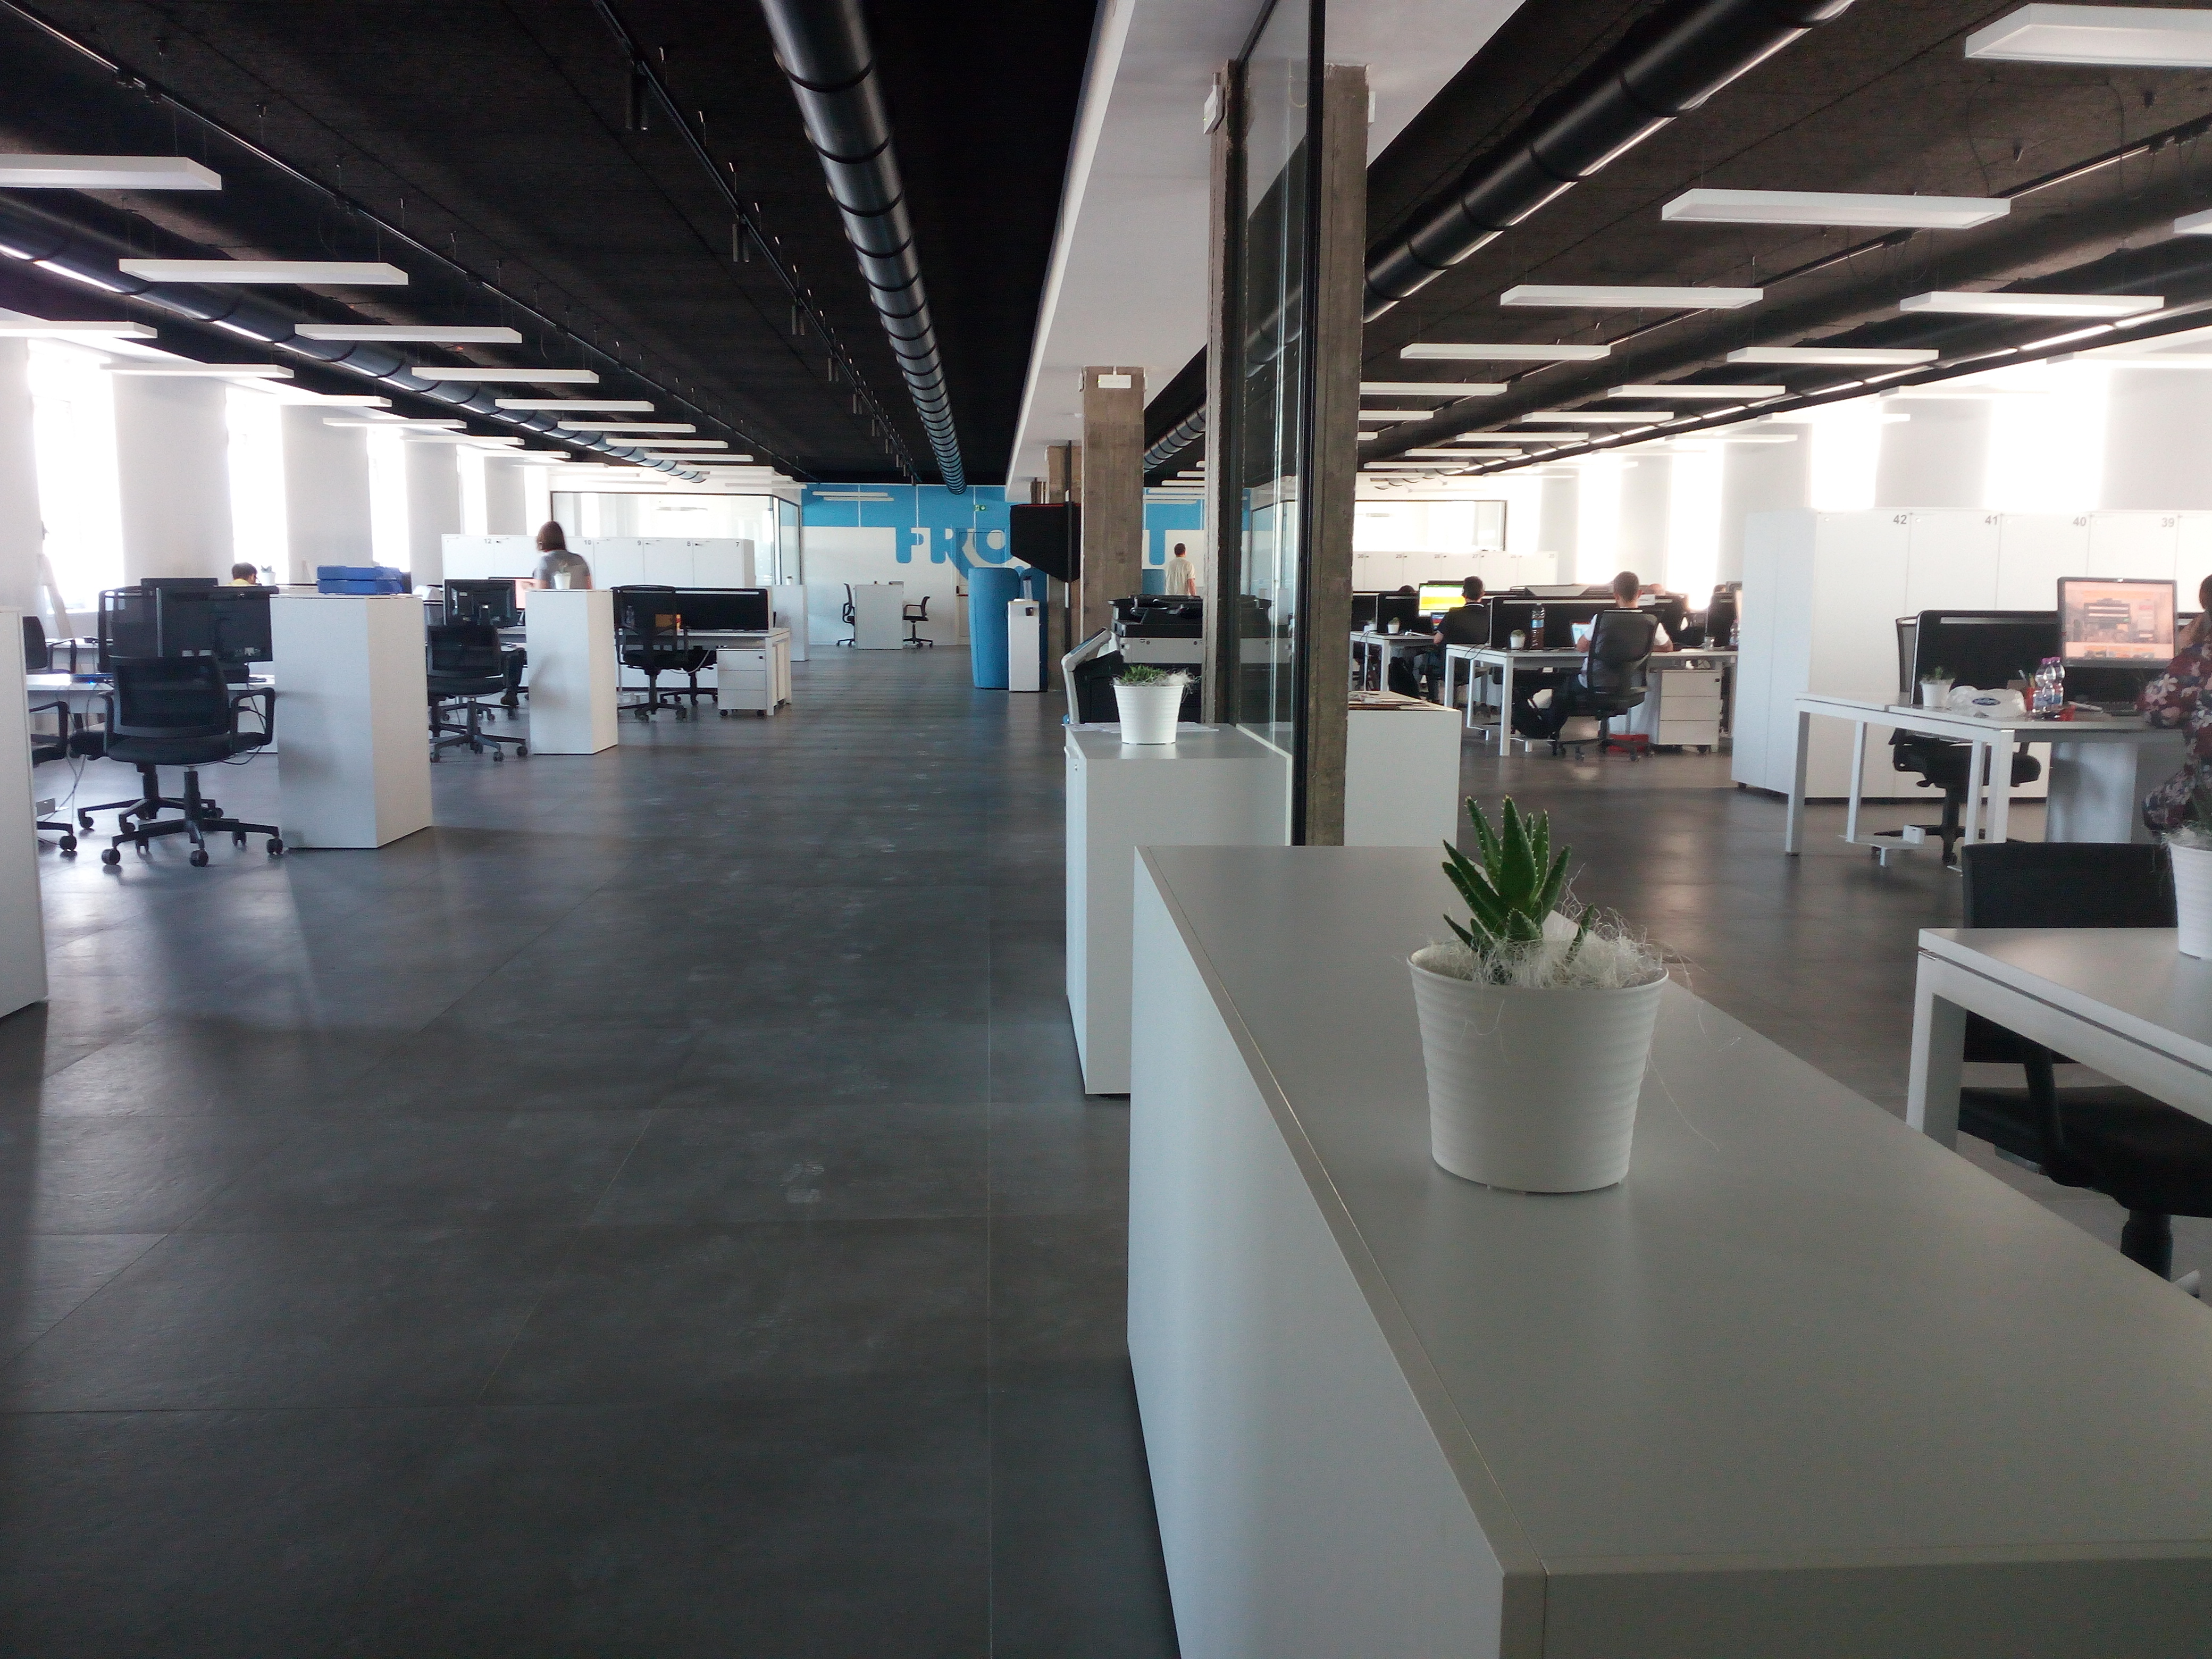 Arredo ufficio  open space, stile industrial, clean e minimal, postazioni multiple